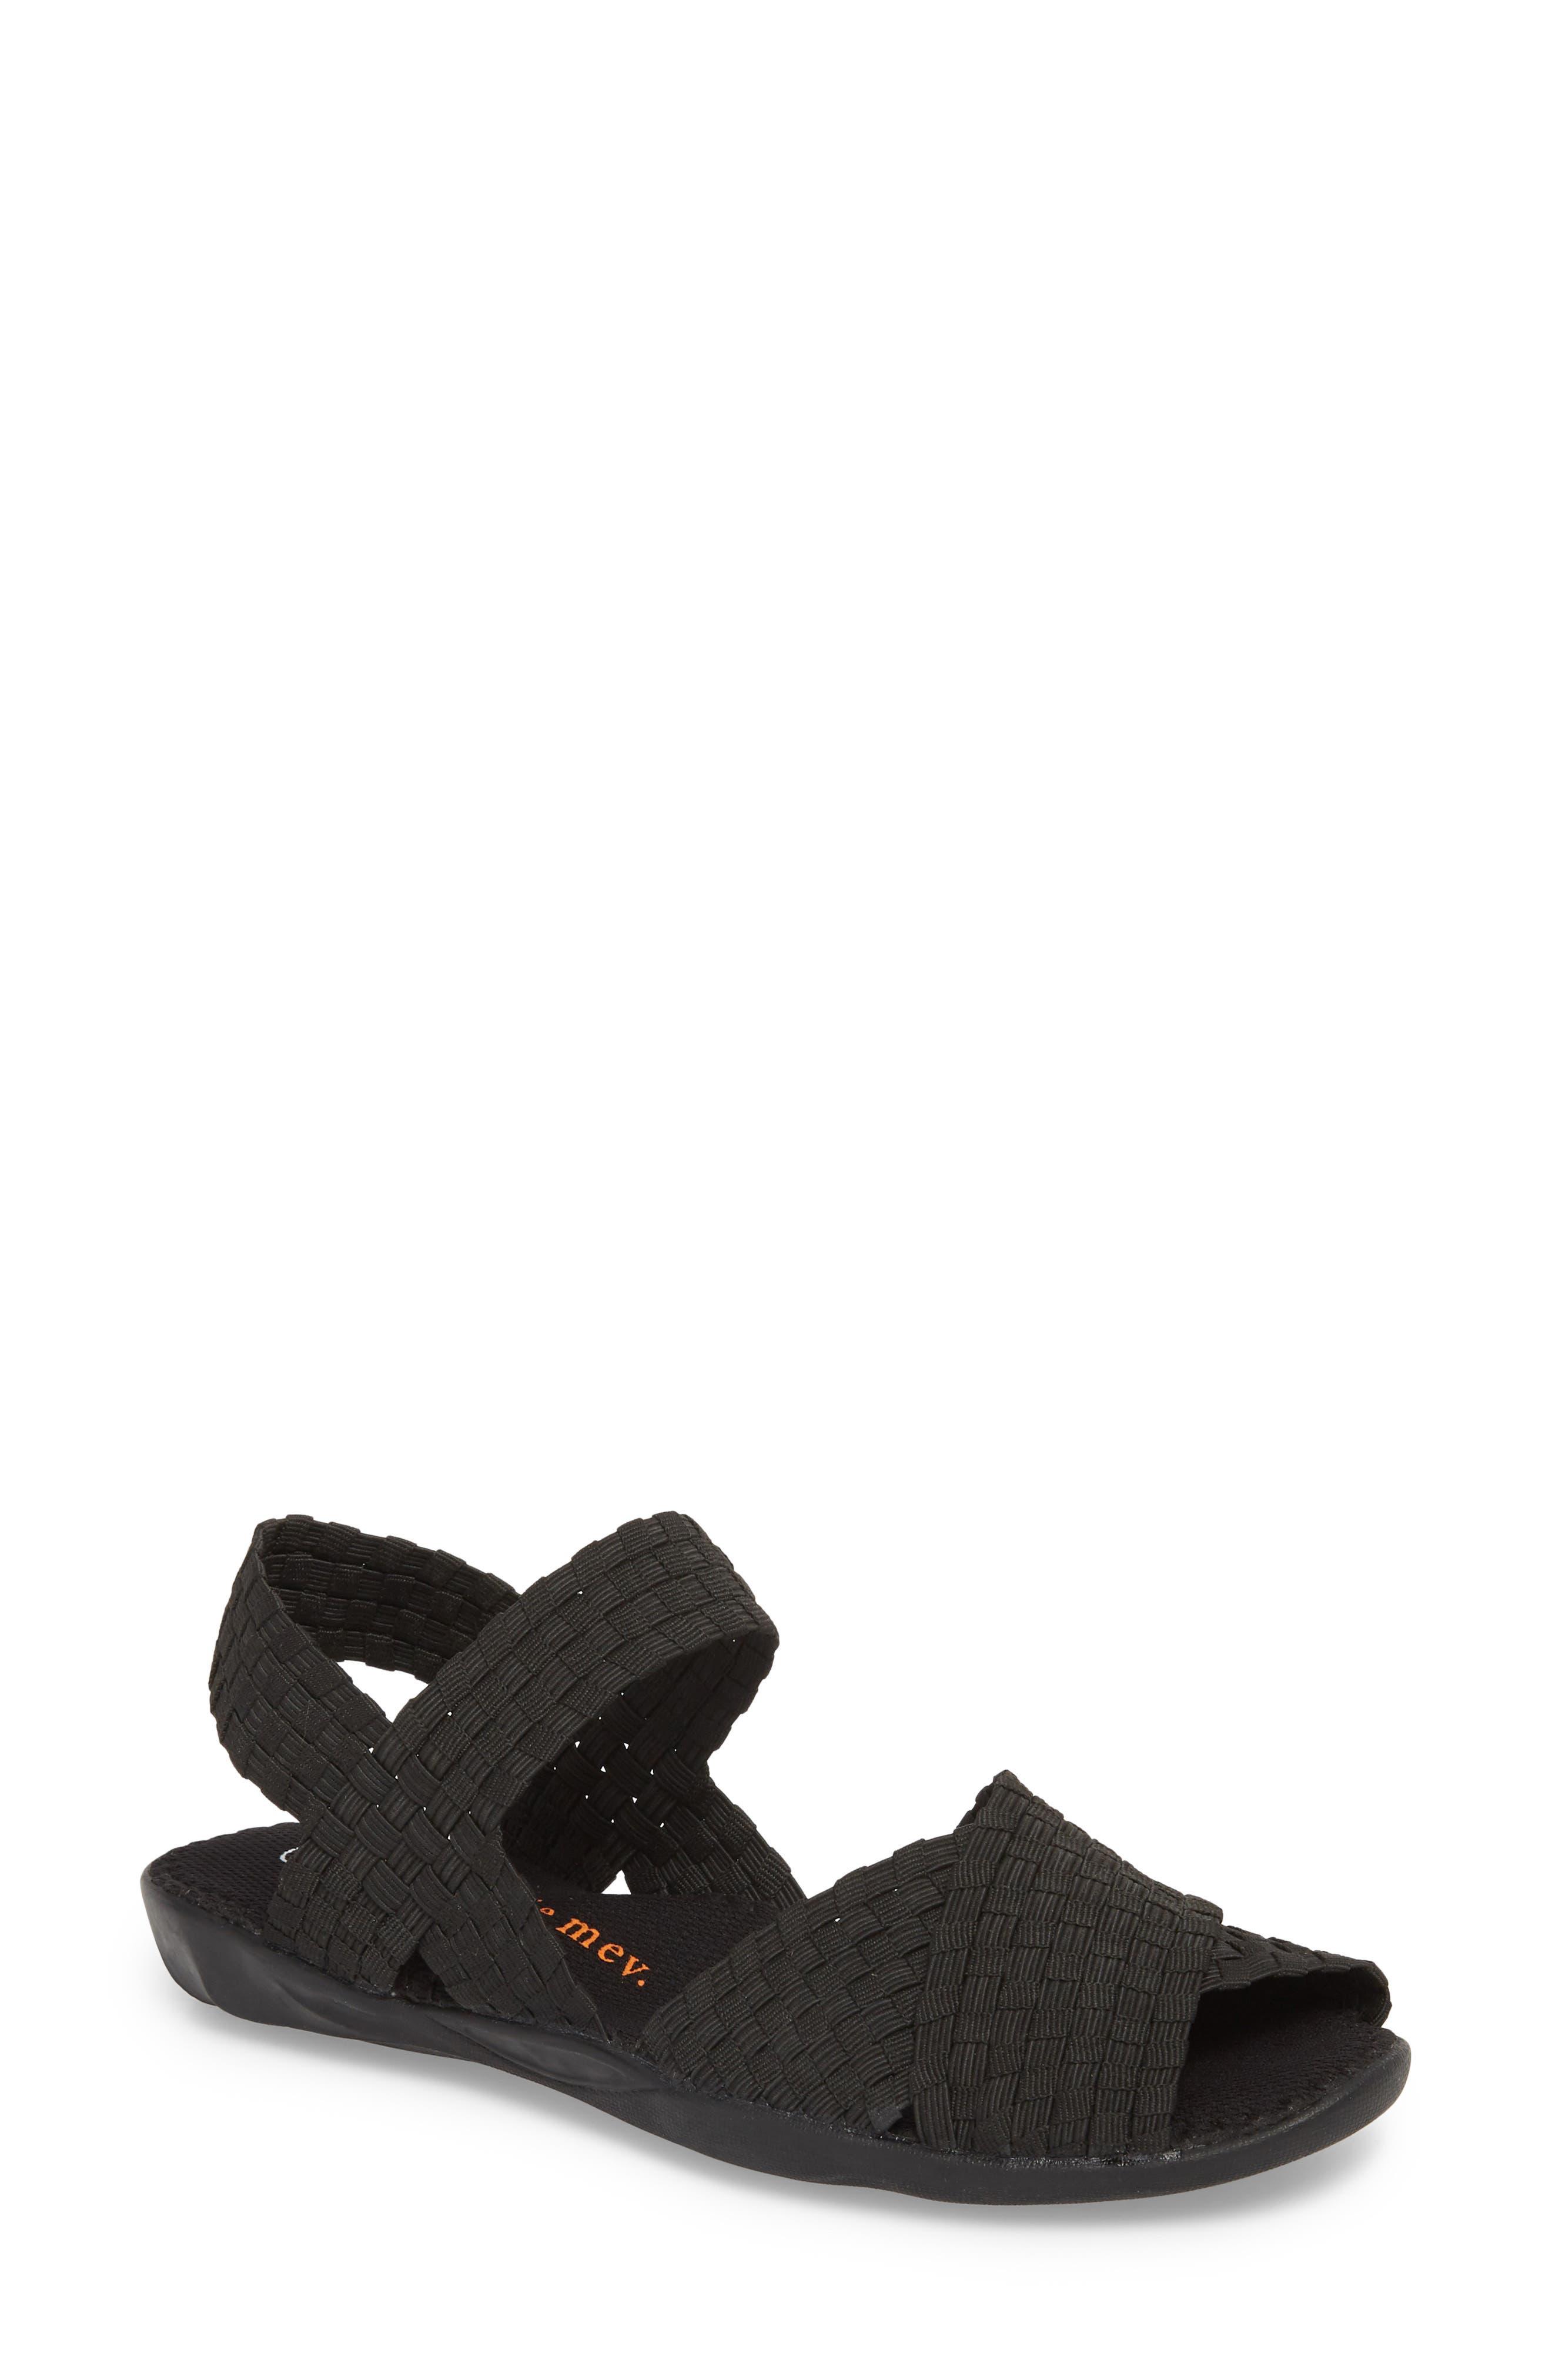 Balmy Sandal